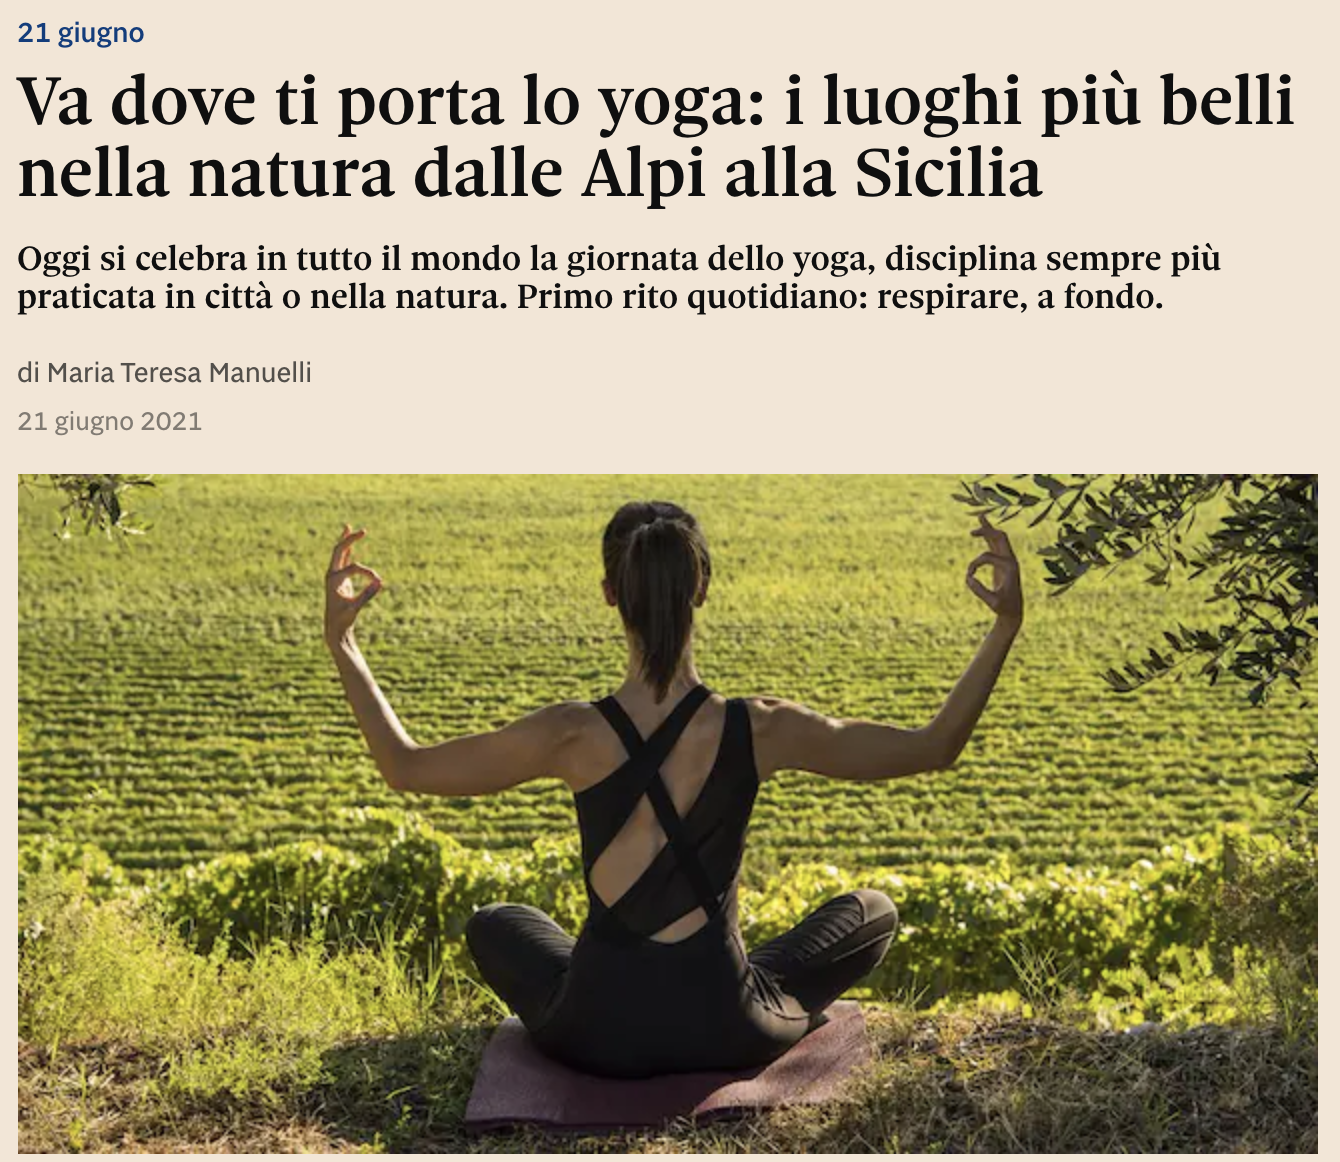 Va dove ti porta lo yoga: i luoghi più belli nella natura dalle Alpi alla Sicilia